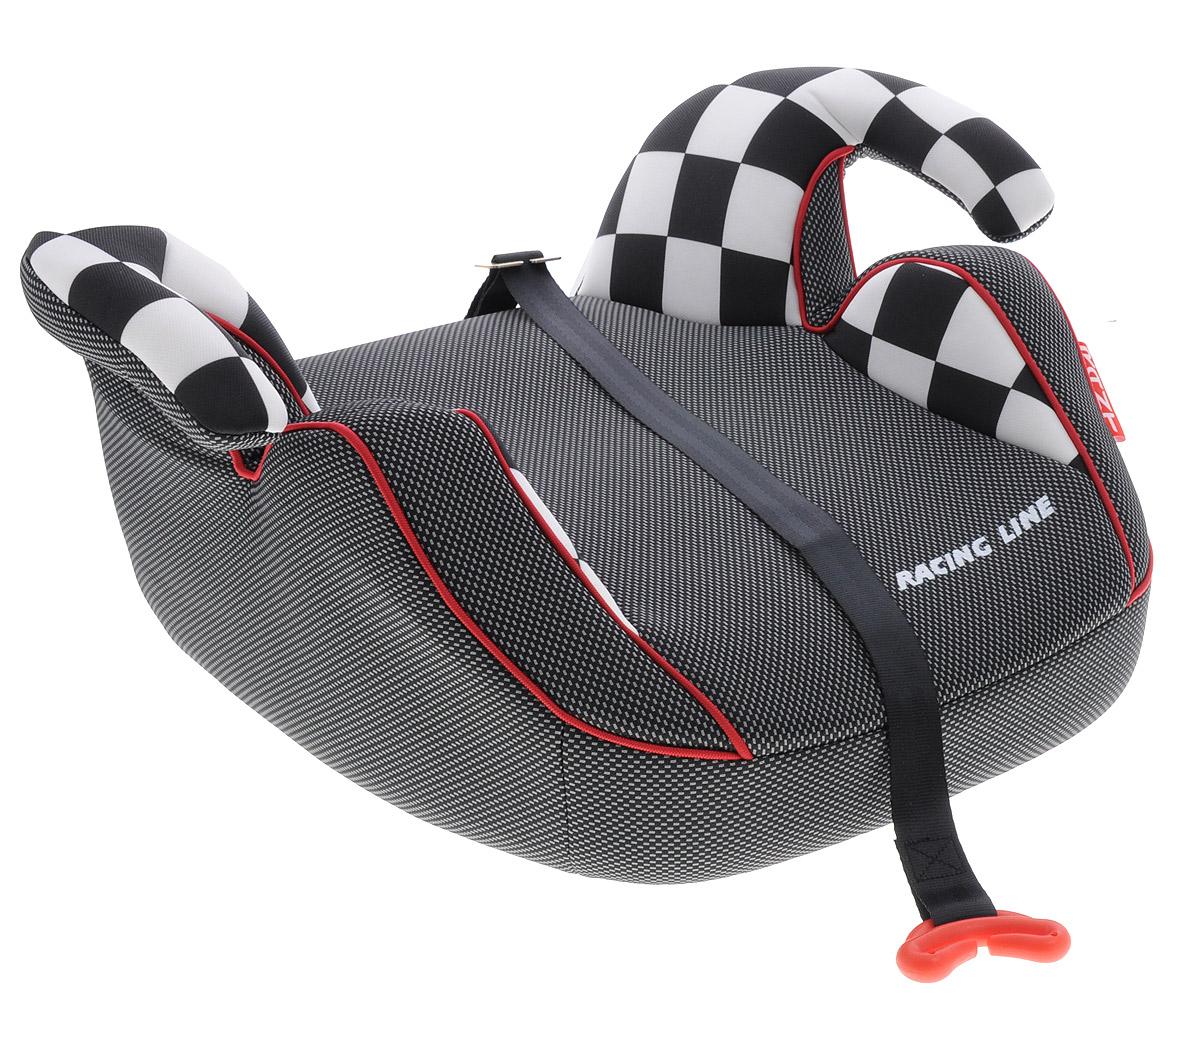 Rant Бустер Racer 15-36 кг цвет черный серый белыйCA-3505Автокресло Rant Racer предназначено для детей весом от 15 до 36 кг и относится к старшей возрастной группе.Автокресло представляет собой сиденье без спинки анатомической формы с удобными подлокотниками, которые обеспечивают комфорт ребенку при длительных поездках, а также обеспечивают правильное положение рук ребенка, чтобы он меньше уставал во время поездок. Автокресло разработано для того, чтобы приподнять ребенка на необходимую высоту, чтобы автомобильный ремень безопасности правильно проходил через грудную клетку и тазобедренную часть ребенка. В конце поездки автокресло можно с легкостью и быстро убрать в багажник машины. Его также можно использовать для поездок в такси или других автомобилях, которые не оборудованы детскими автокреслами.Съемный чехол автокресла Rant Racer изготовлен из экологичной, эластичной ткани, легко чистится или стирается вручную, возможна стирка в деликатном режиме в стиральной машине при температуре 30 градусов.Автокресло устанавливается по направлению движения на заднем сиденье автомобиля, и крепится вместе с ребенком штатными автомобильными ремнями. Специальный фиксатор положения ремня поможет правильно зафиксировать ремень на уровне груди ребенка.Диагональный ремень безопасности должен проходить через грудную клетку и плечо ребенка, а не шею. Закрепляя горизонтальный ремень безопасности через подлокотники автокресла, обязательно максимально натяните его и следите за тем, чтобы он проходил через тазобедренную часть тела, а не через живот.